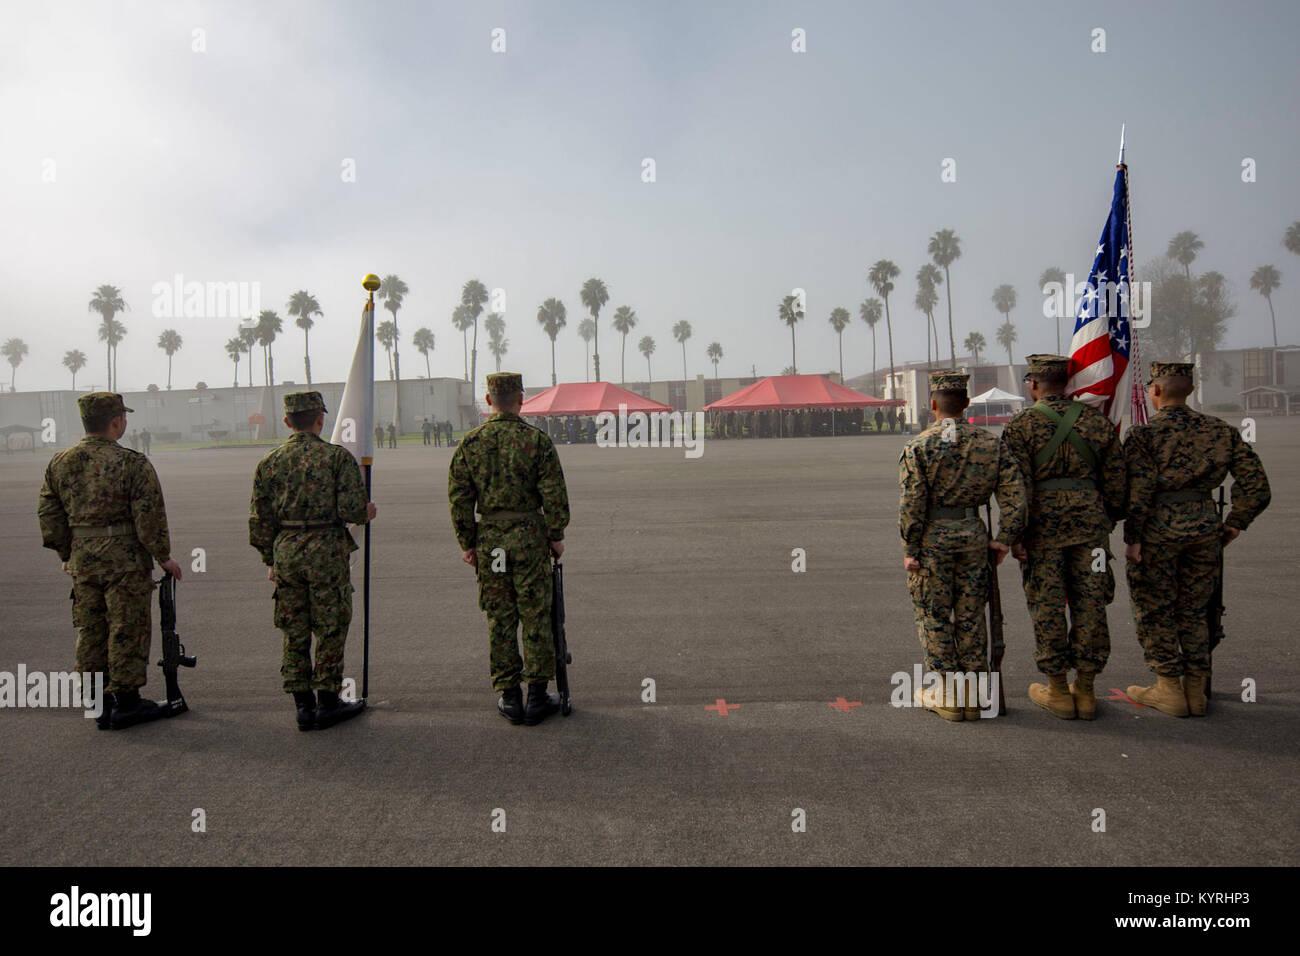 Charmant Armee Infanterie Fortsetzen Beispiele Bilder - Beispiel ...